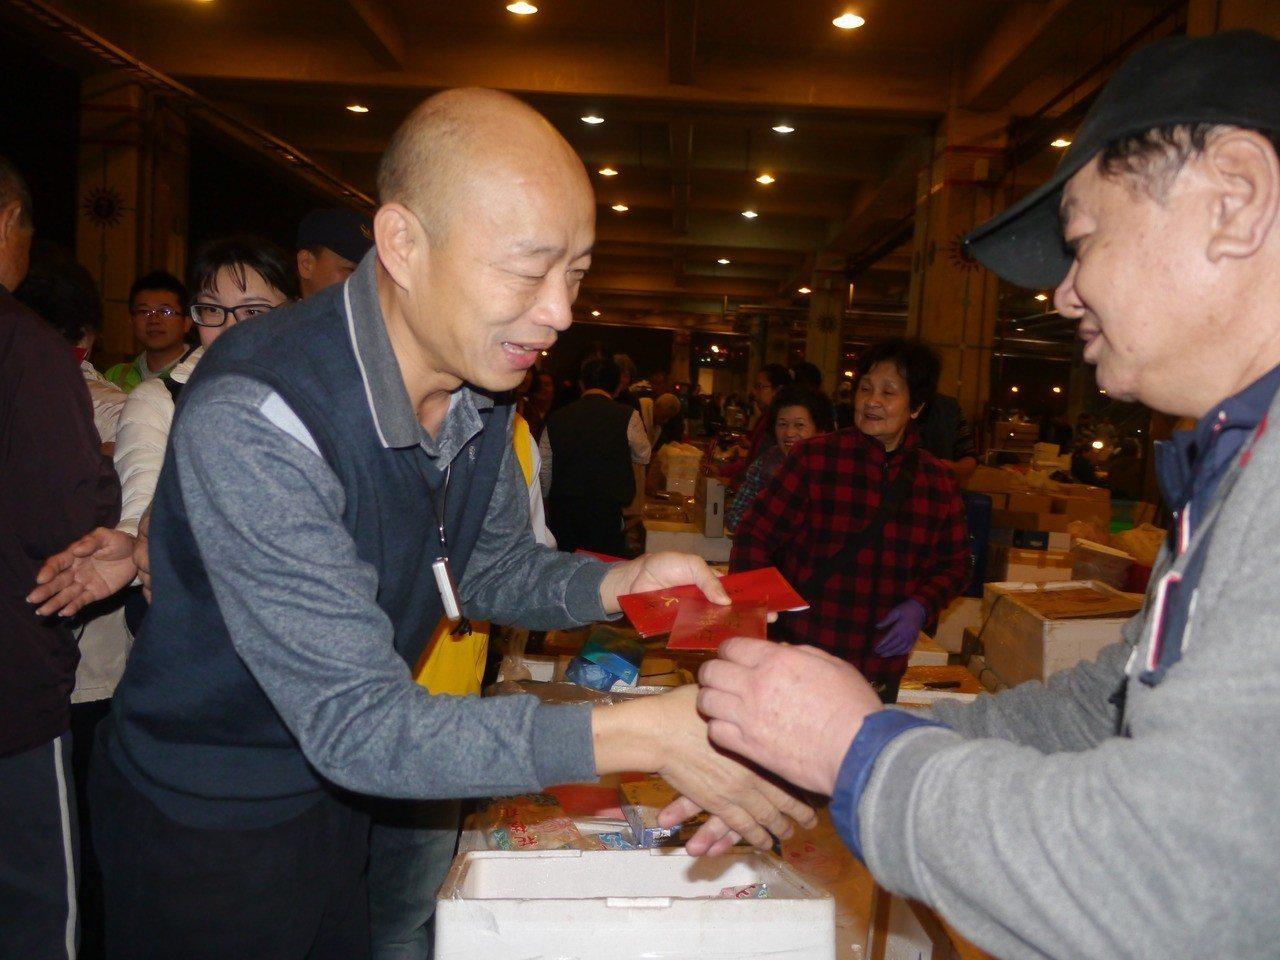 高雄市長韓國瑜初次視察魚市場,發送紅包拜早年。 記者徐白櫻/攝影